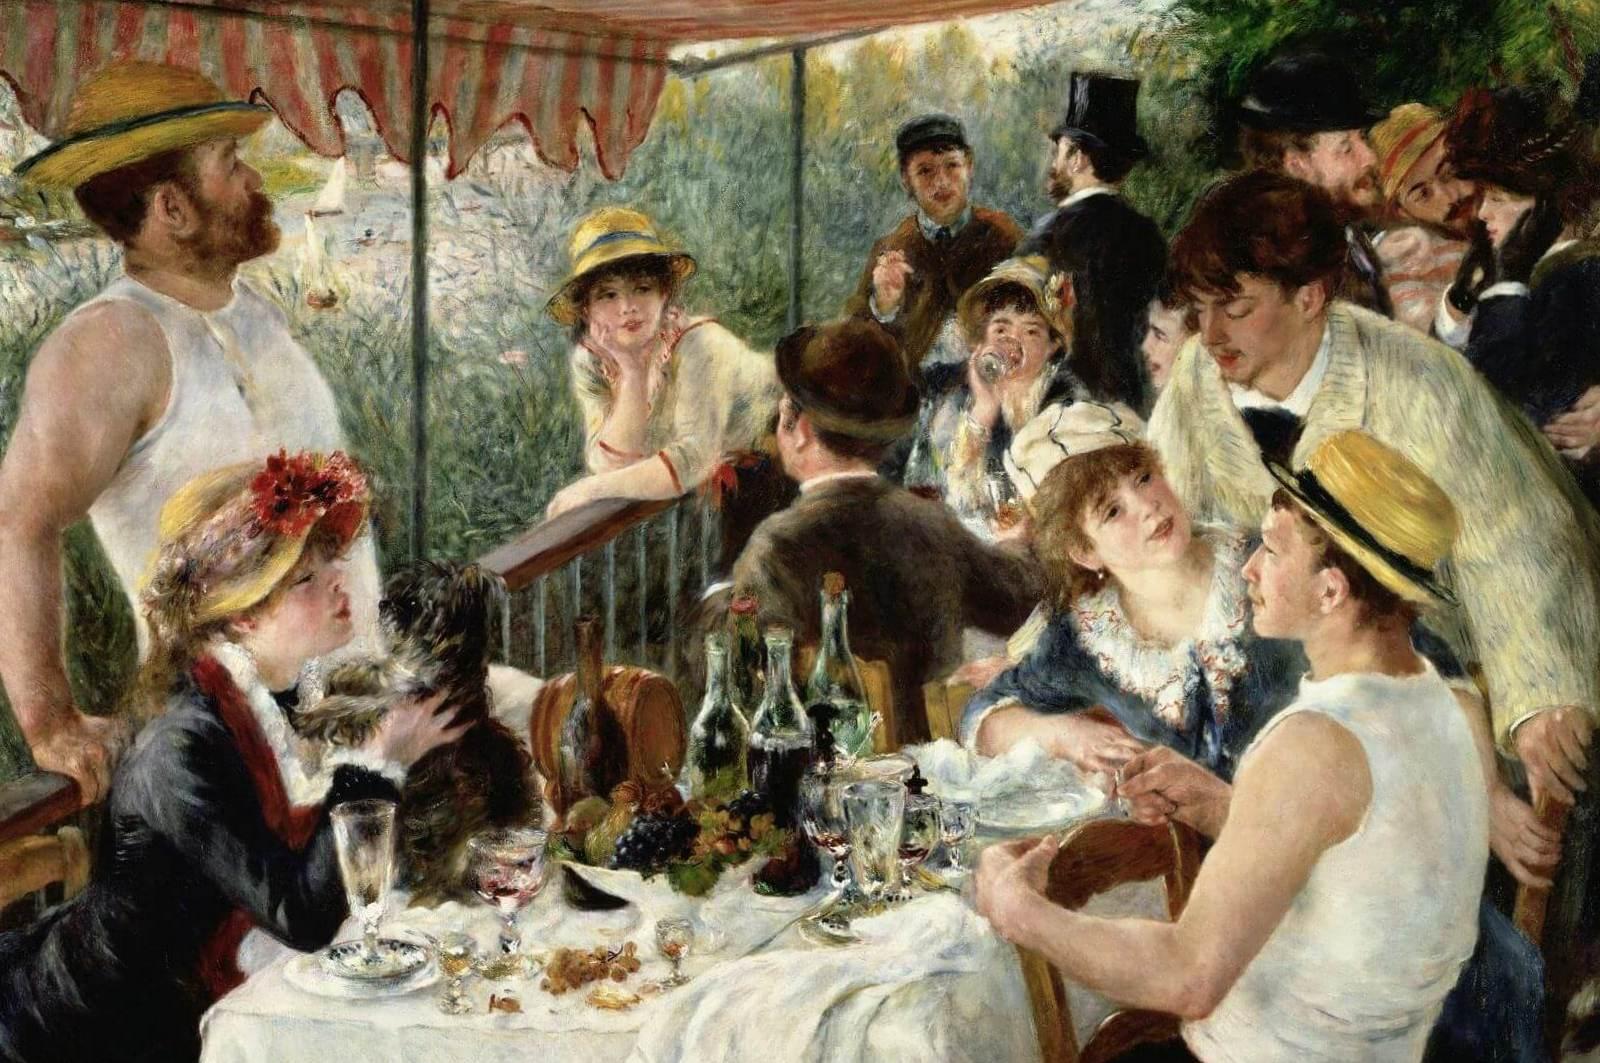 Завтрак гребцов - Пьер Огюст Ренуар (1881, собрание Филлипс, Вашингтон)